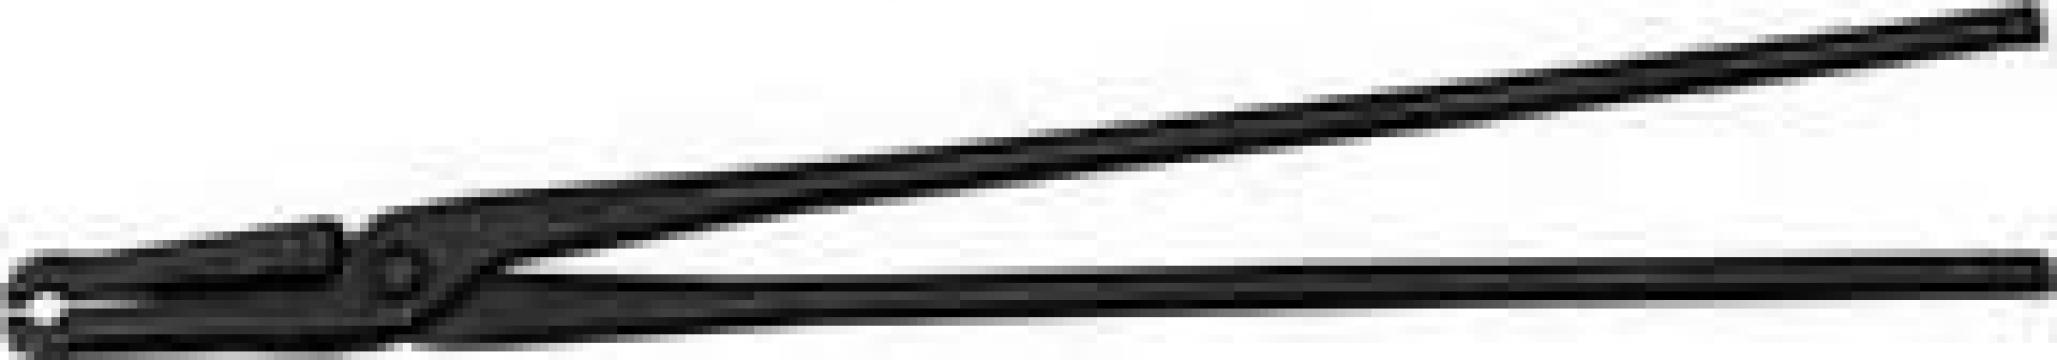 Cleste pentru nituri 7295-014 de la Nascom Invest